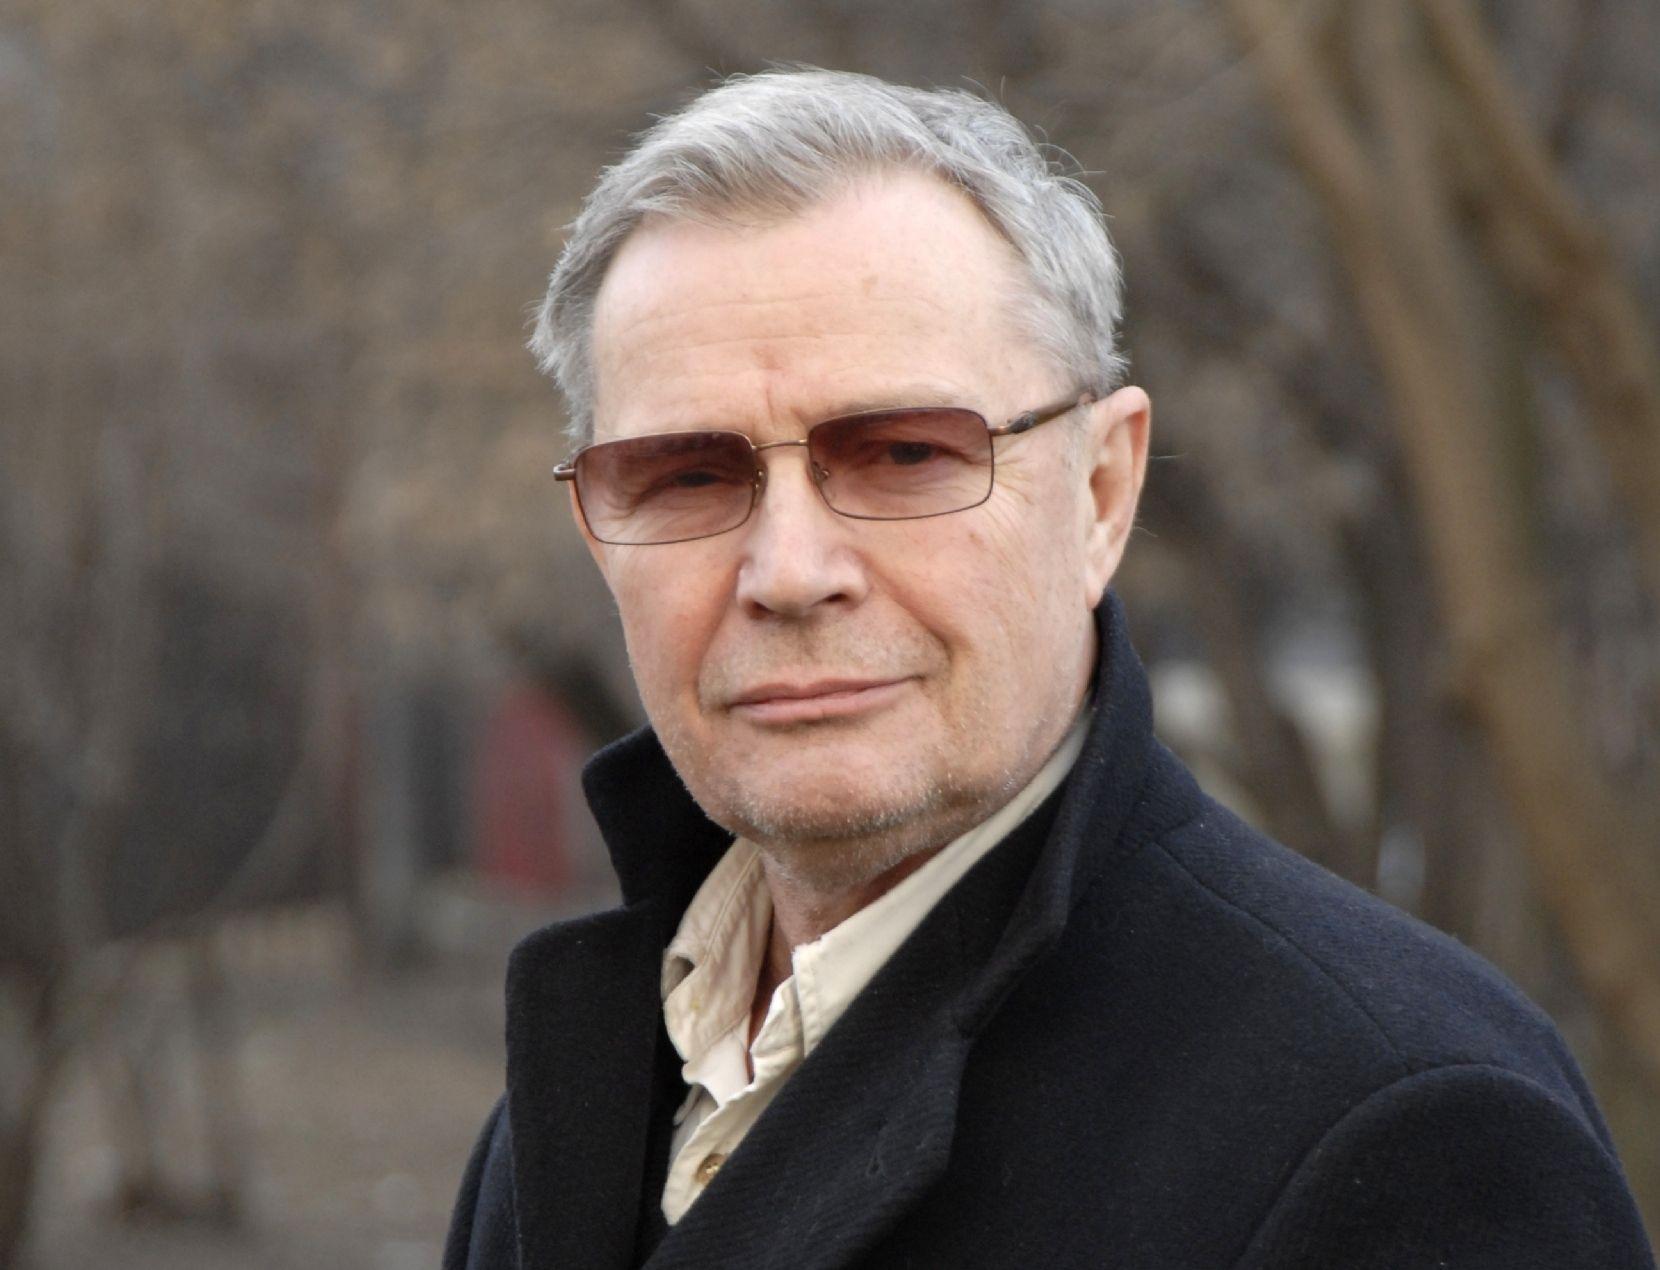 27 марта 2008 года. Народный артист России, актер, художник и поэт Лев Прыгунов. Фото: pxotoxpress